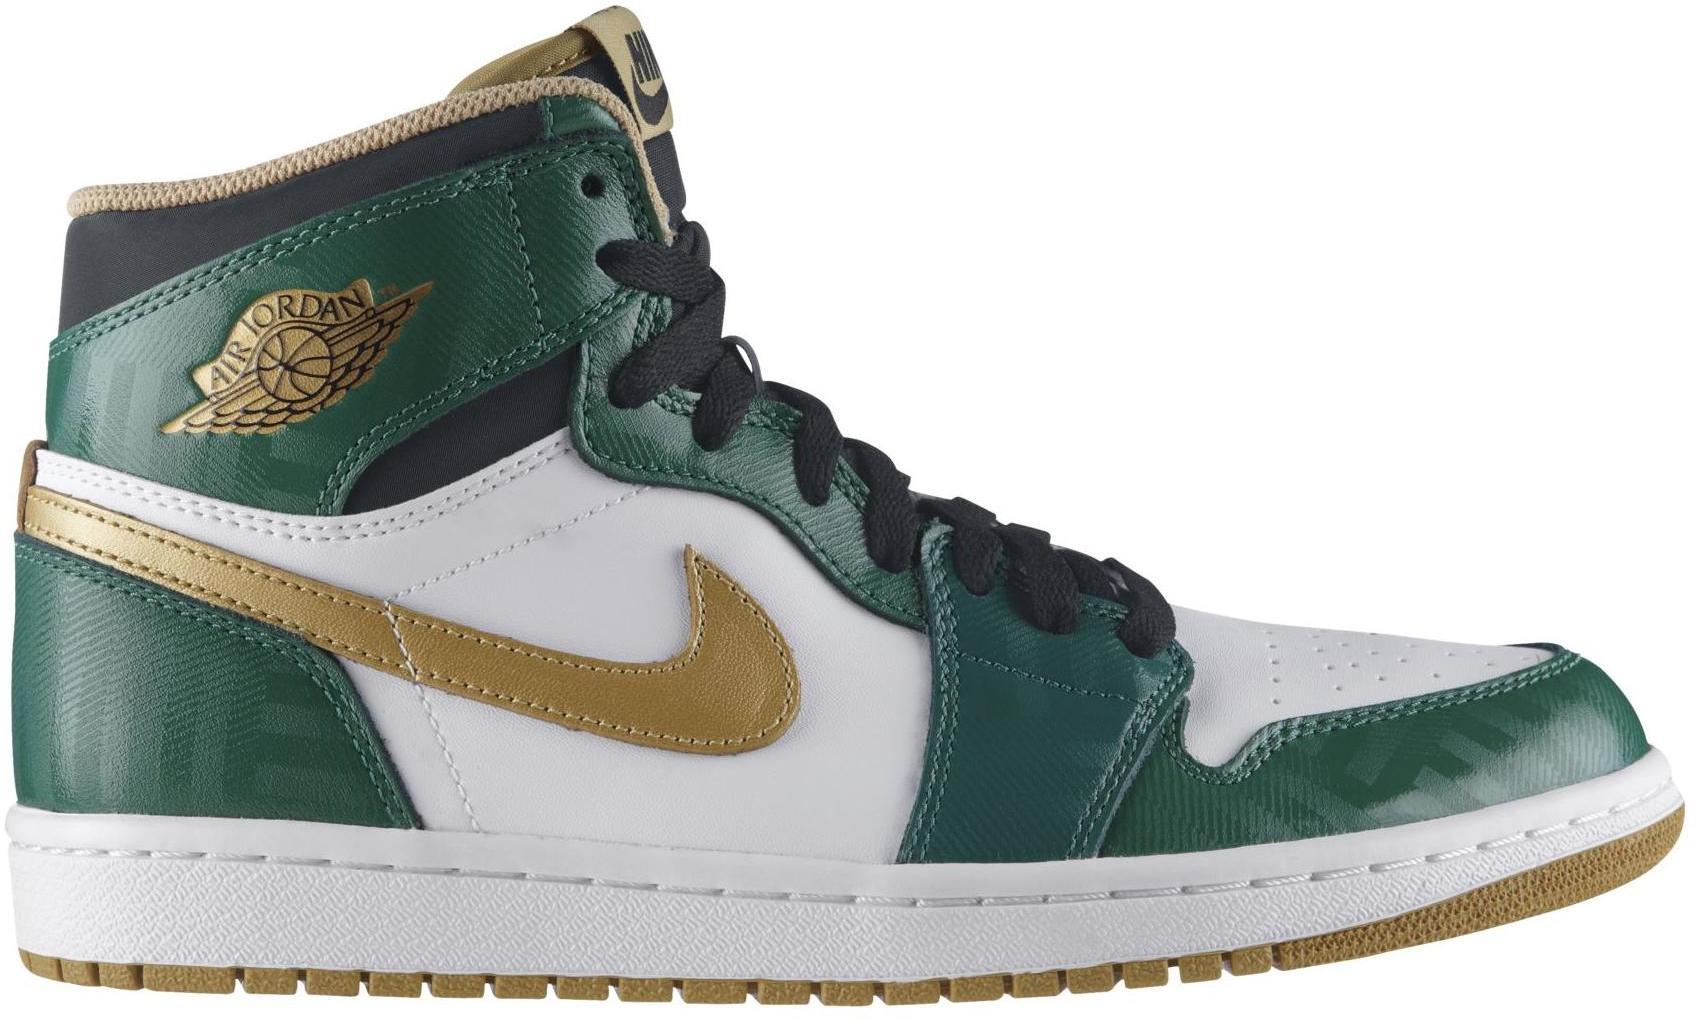 Jordan 1 OG Celtics